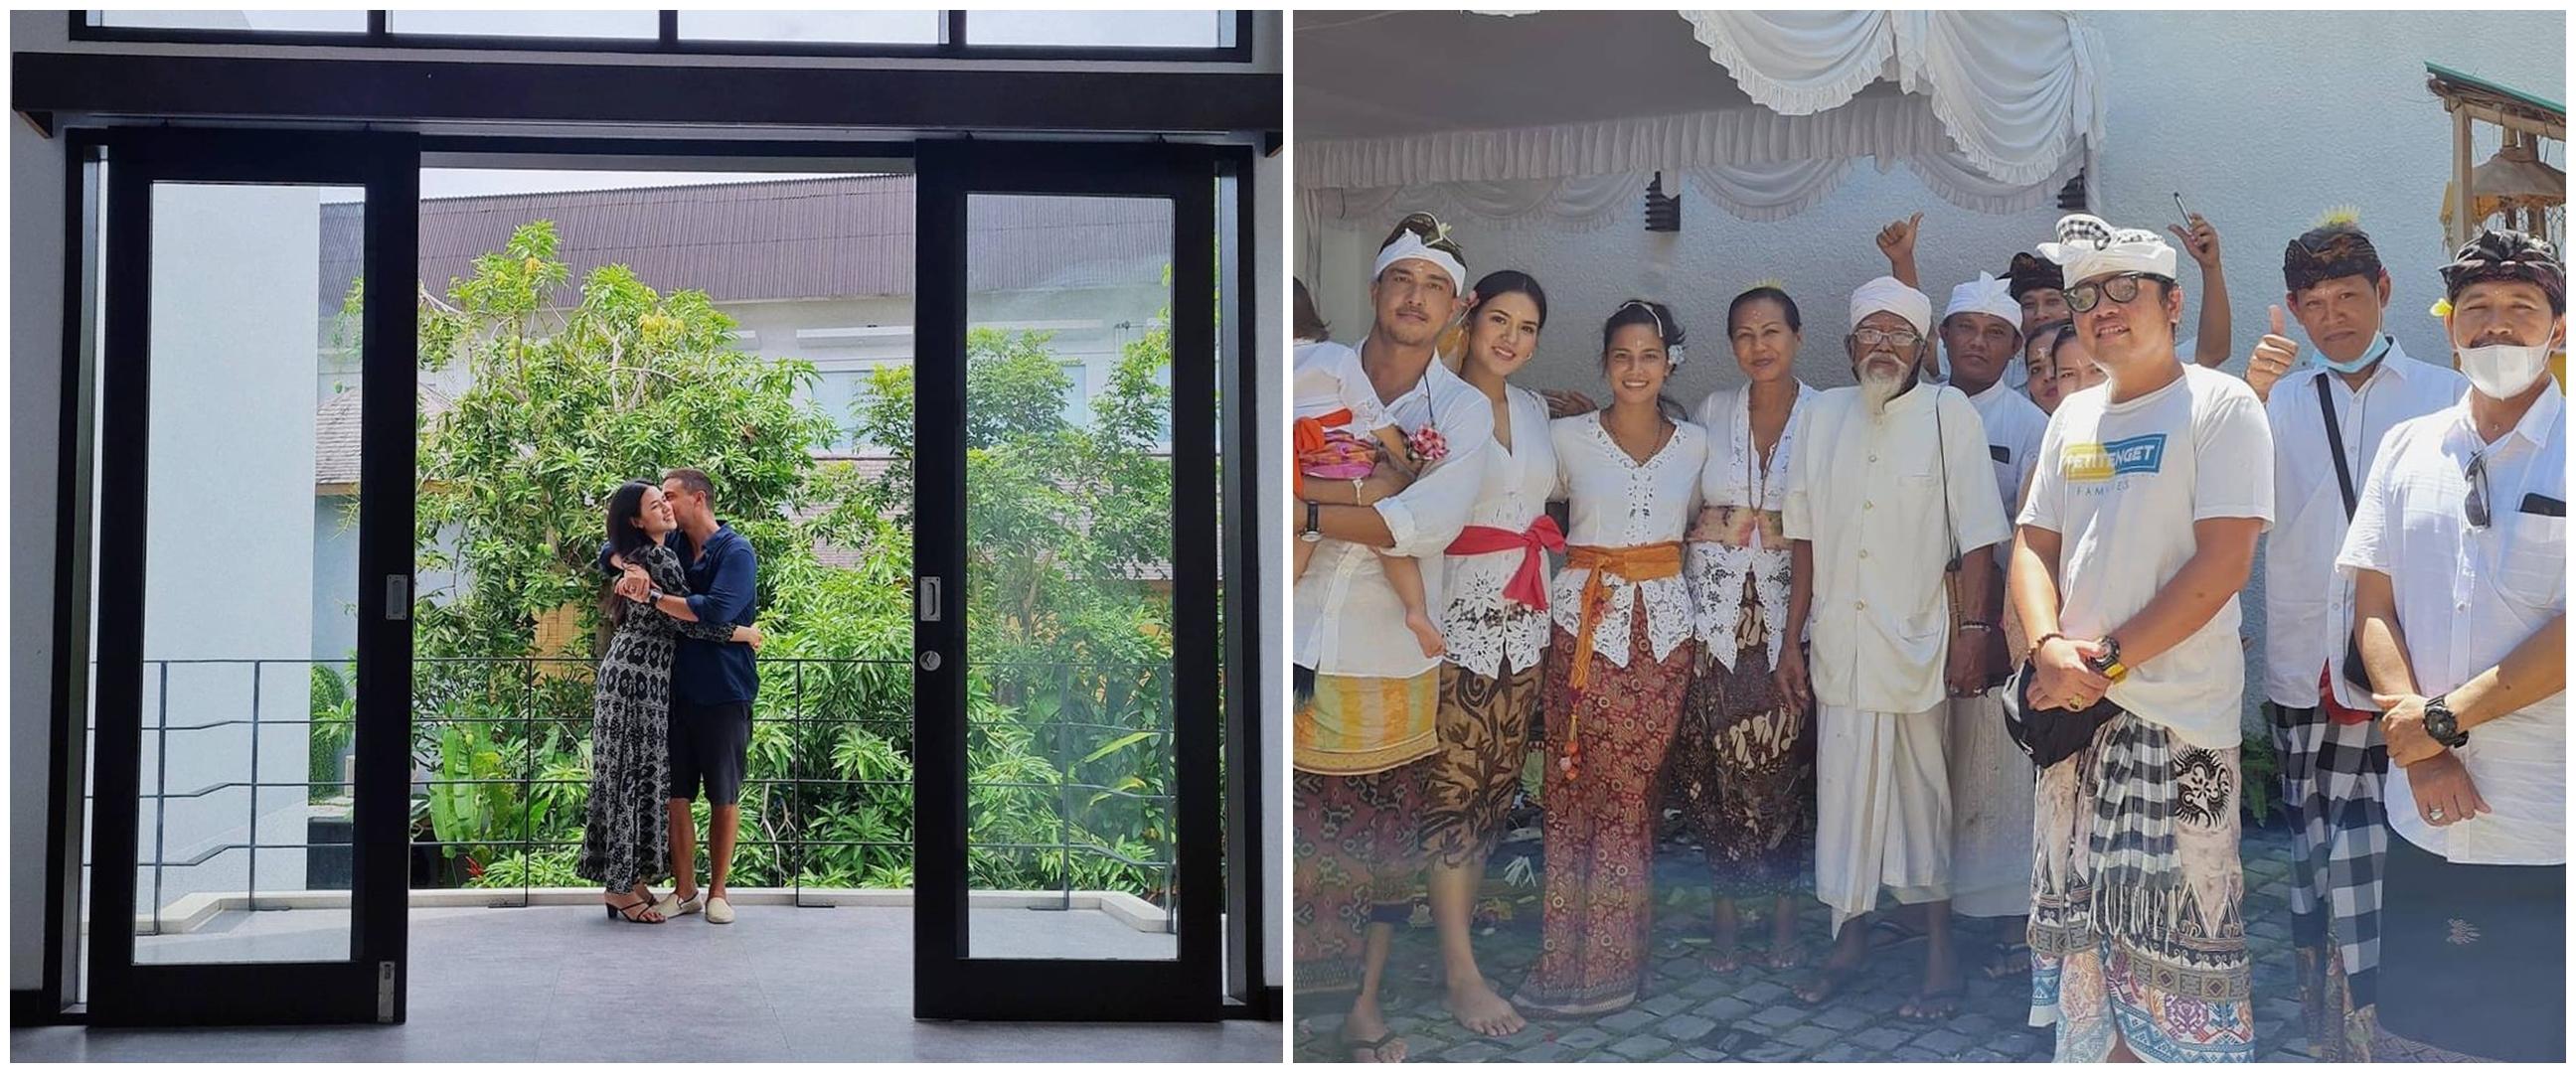 Pindah ke rumah baru, 10 momen Raisa gelar upacara melaspas adat Bali